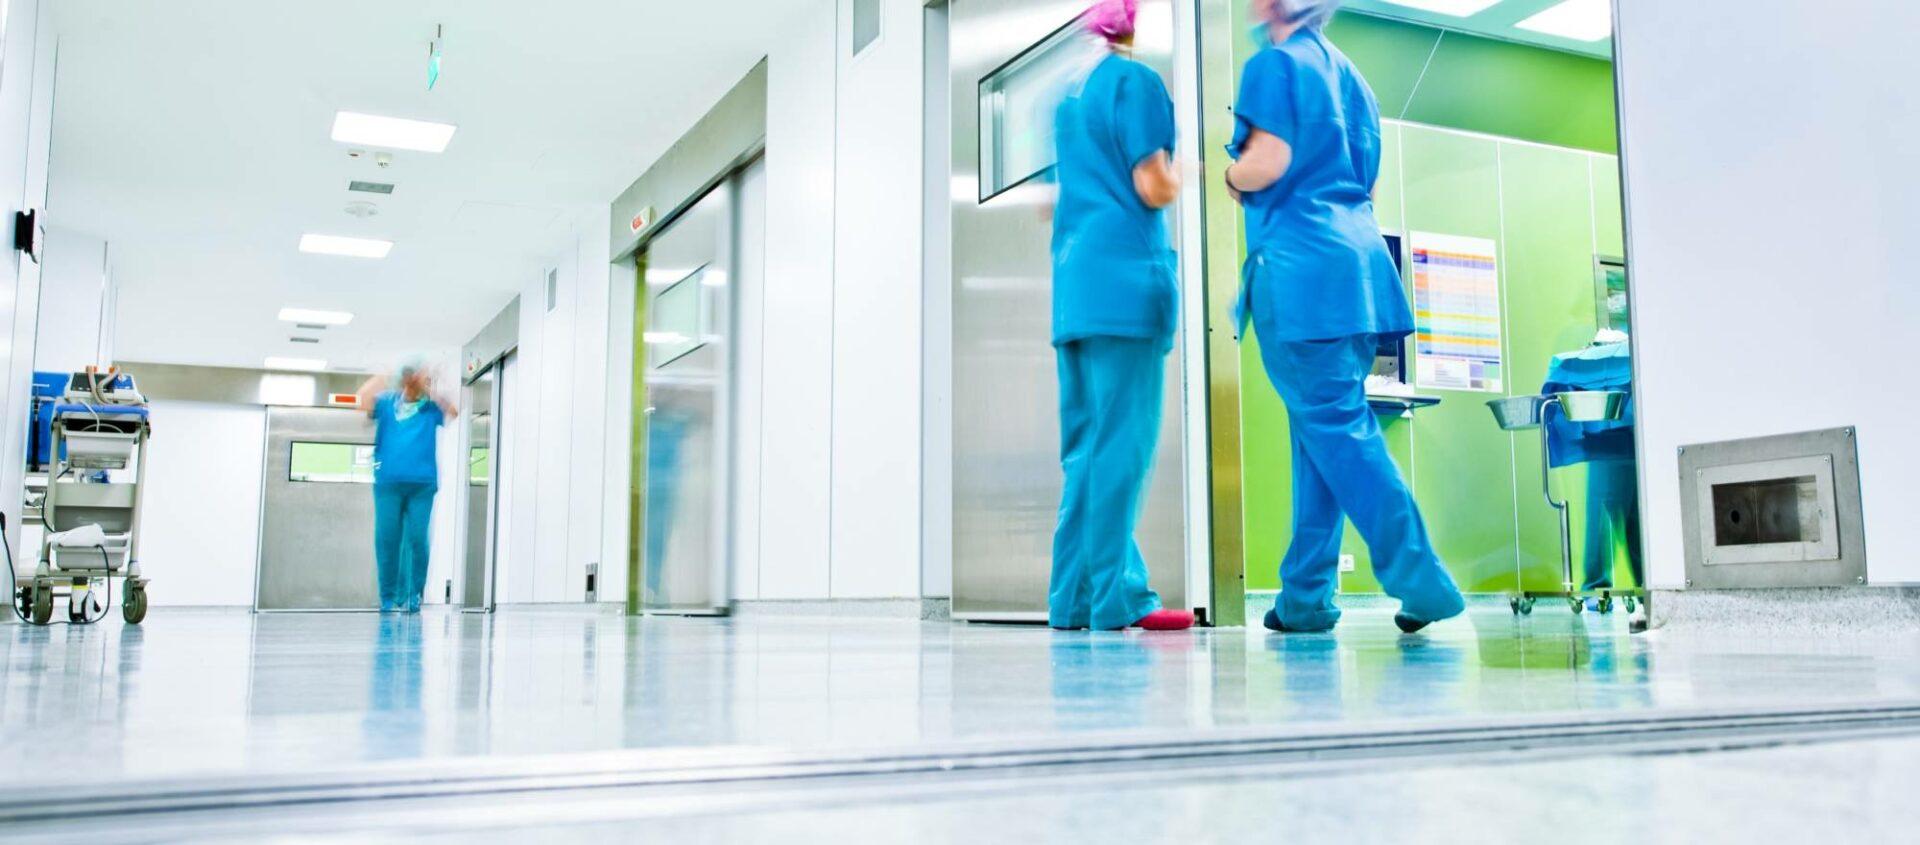 De nouveaux investissements au service de la santé&#8230;<br /> <strong>SFILparticipe</strong>